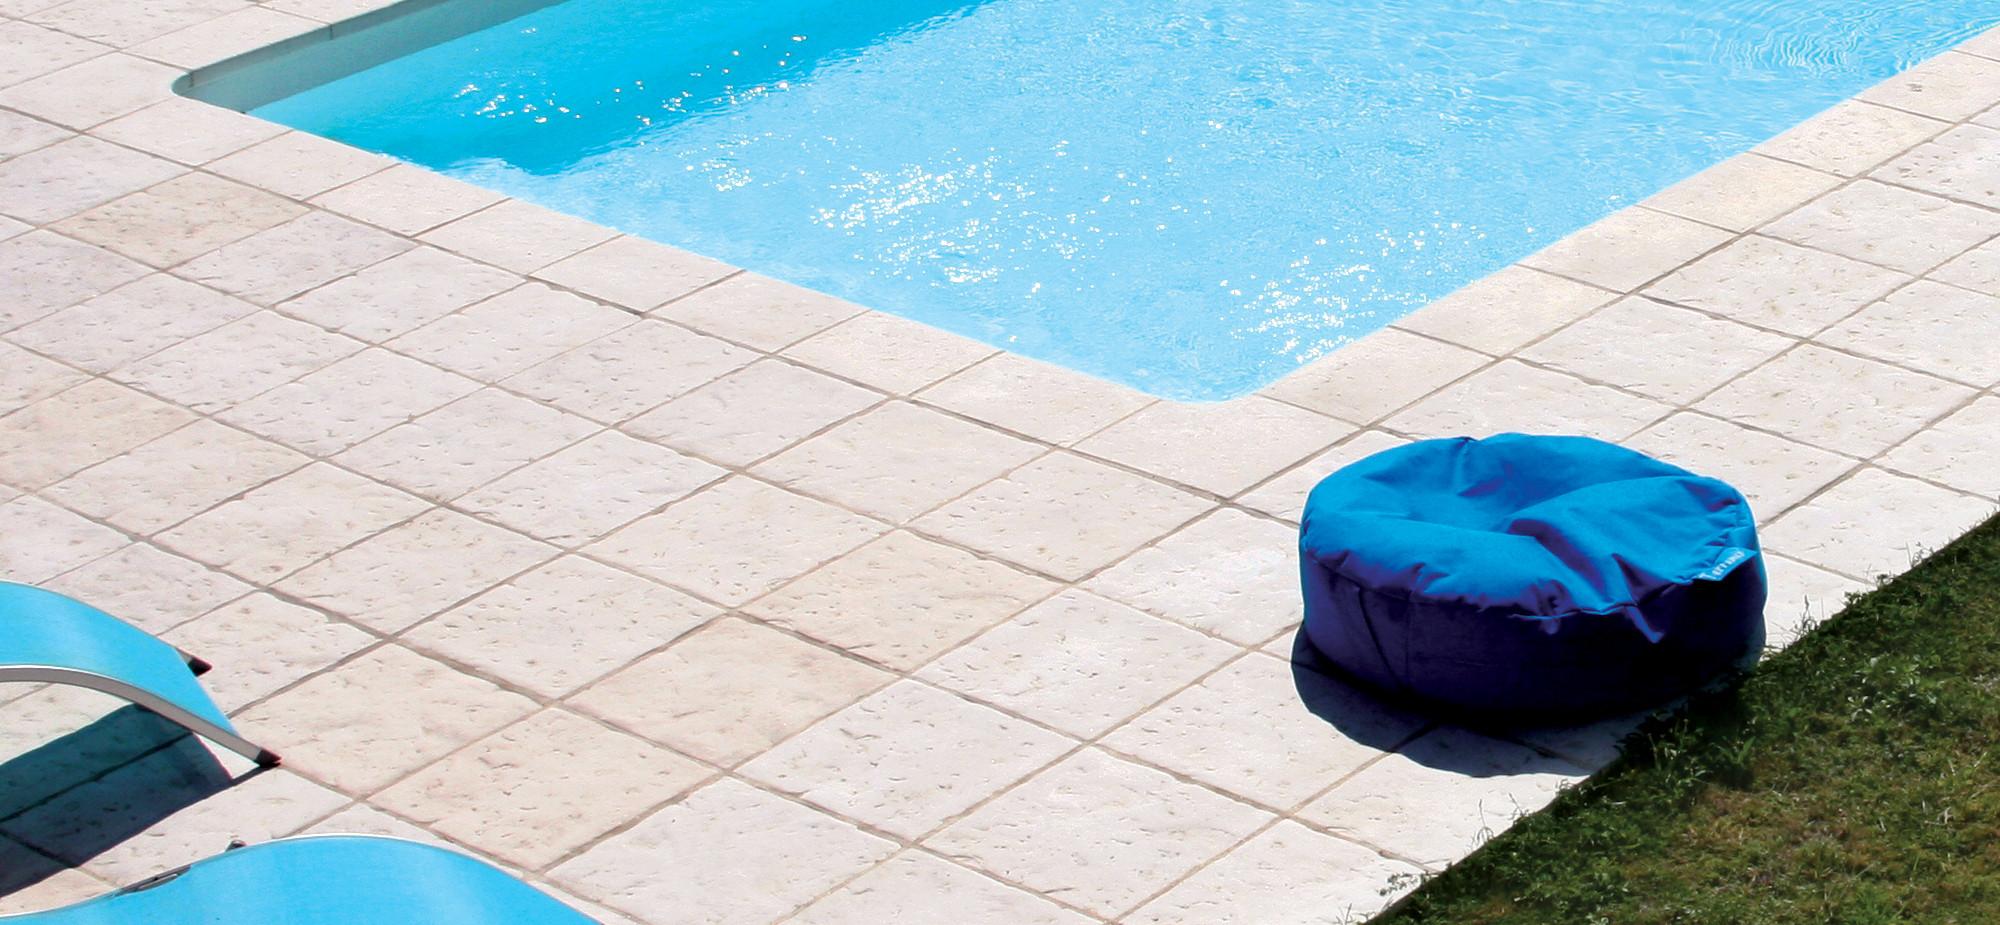 Suelos piscinas exteriores varios trabajos con maderas de - Suelos piscinas exteriores ...